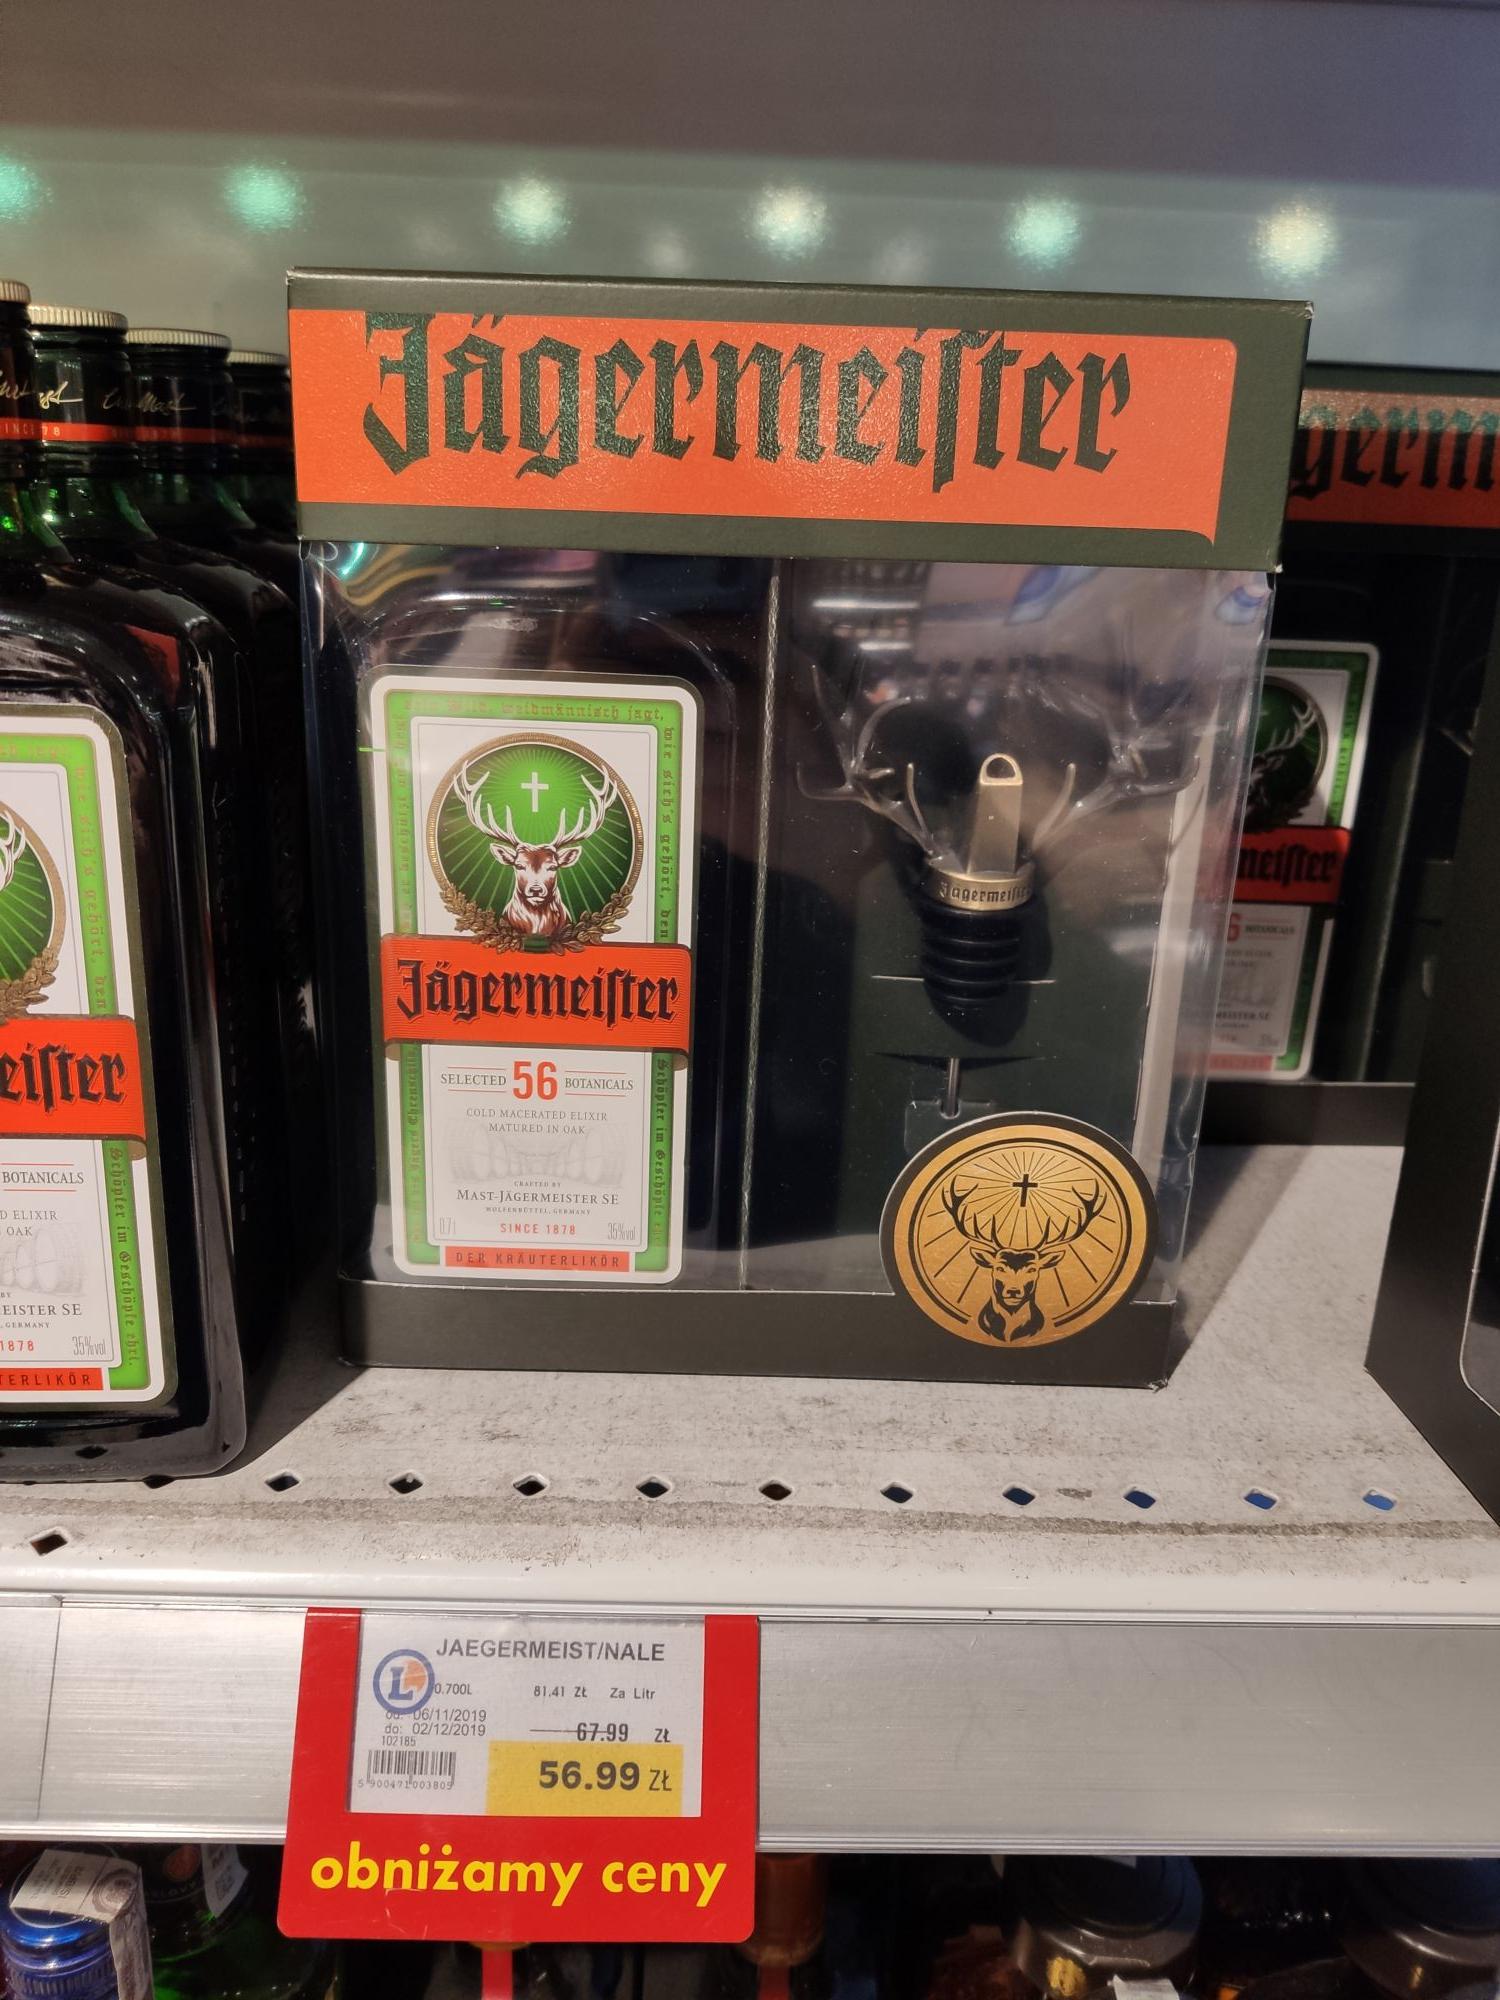 Jagermeister 0.7l + lejek w kształcie poroży jelenia @ Leclerc